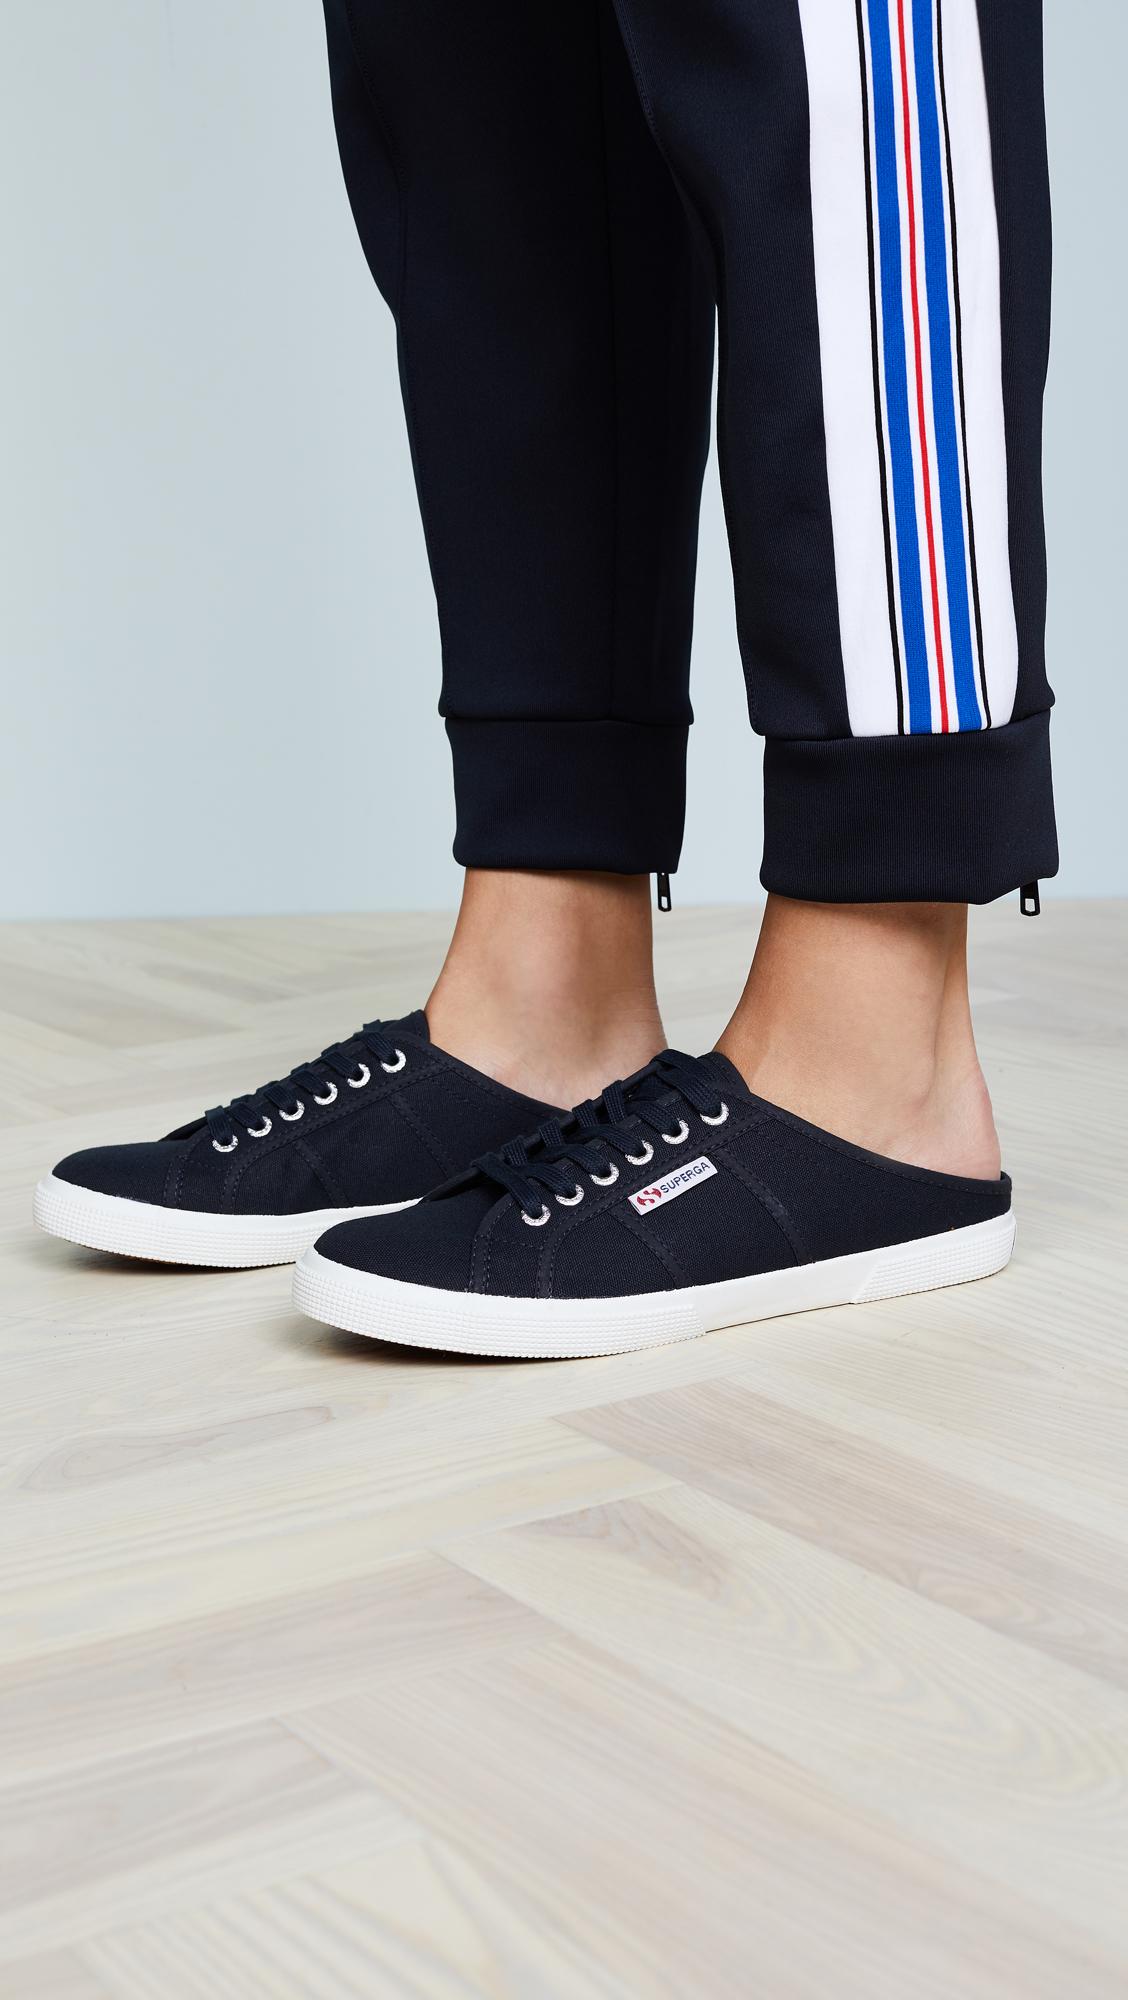 Superga 2288 Mule Sneakers  2a025c30a